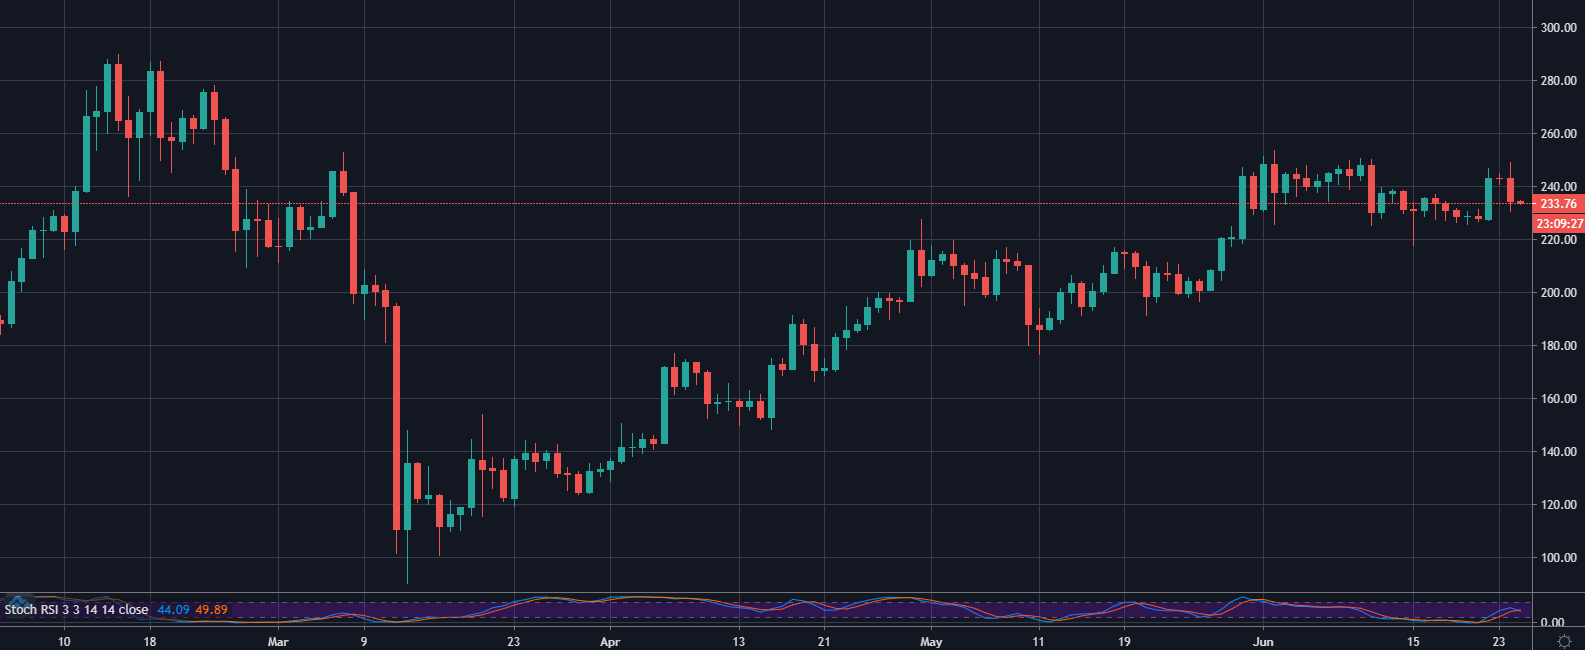 ETHE / USD trên Coinbase, 1D: TradingView